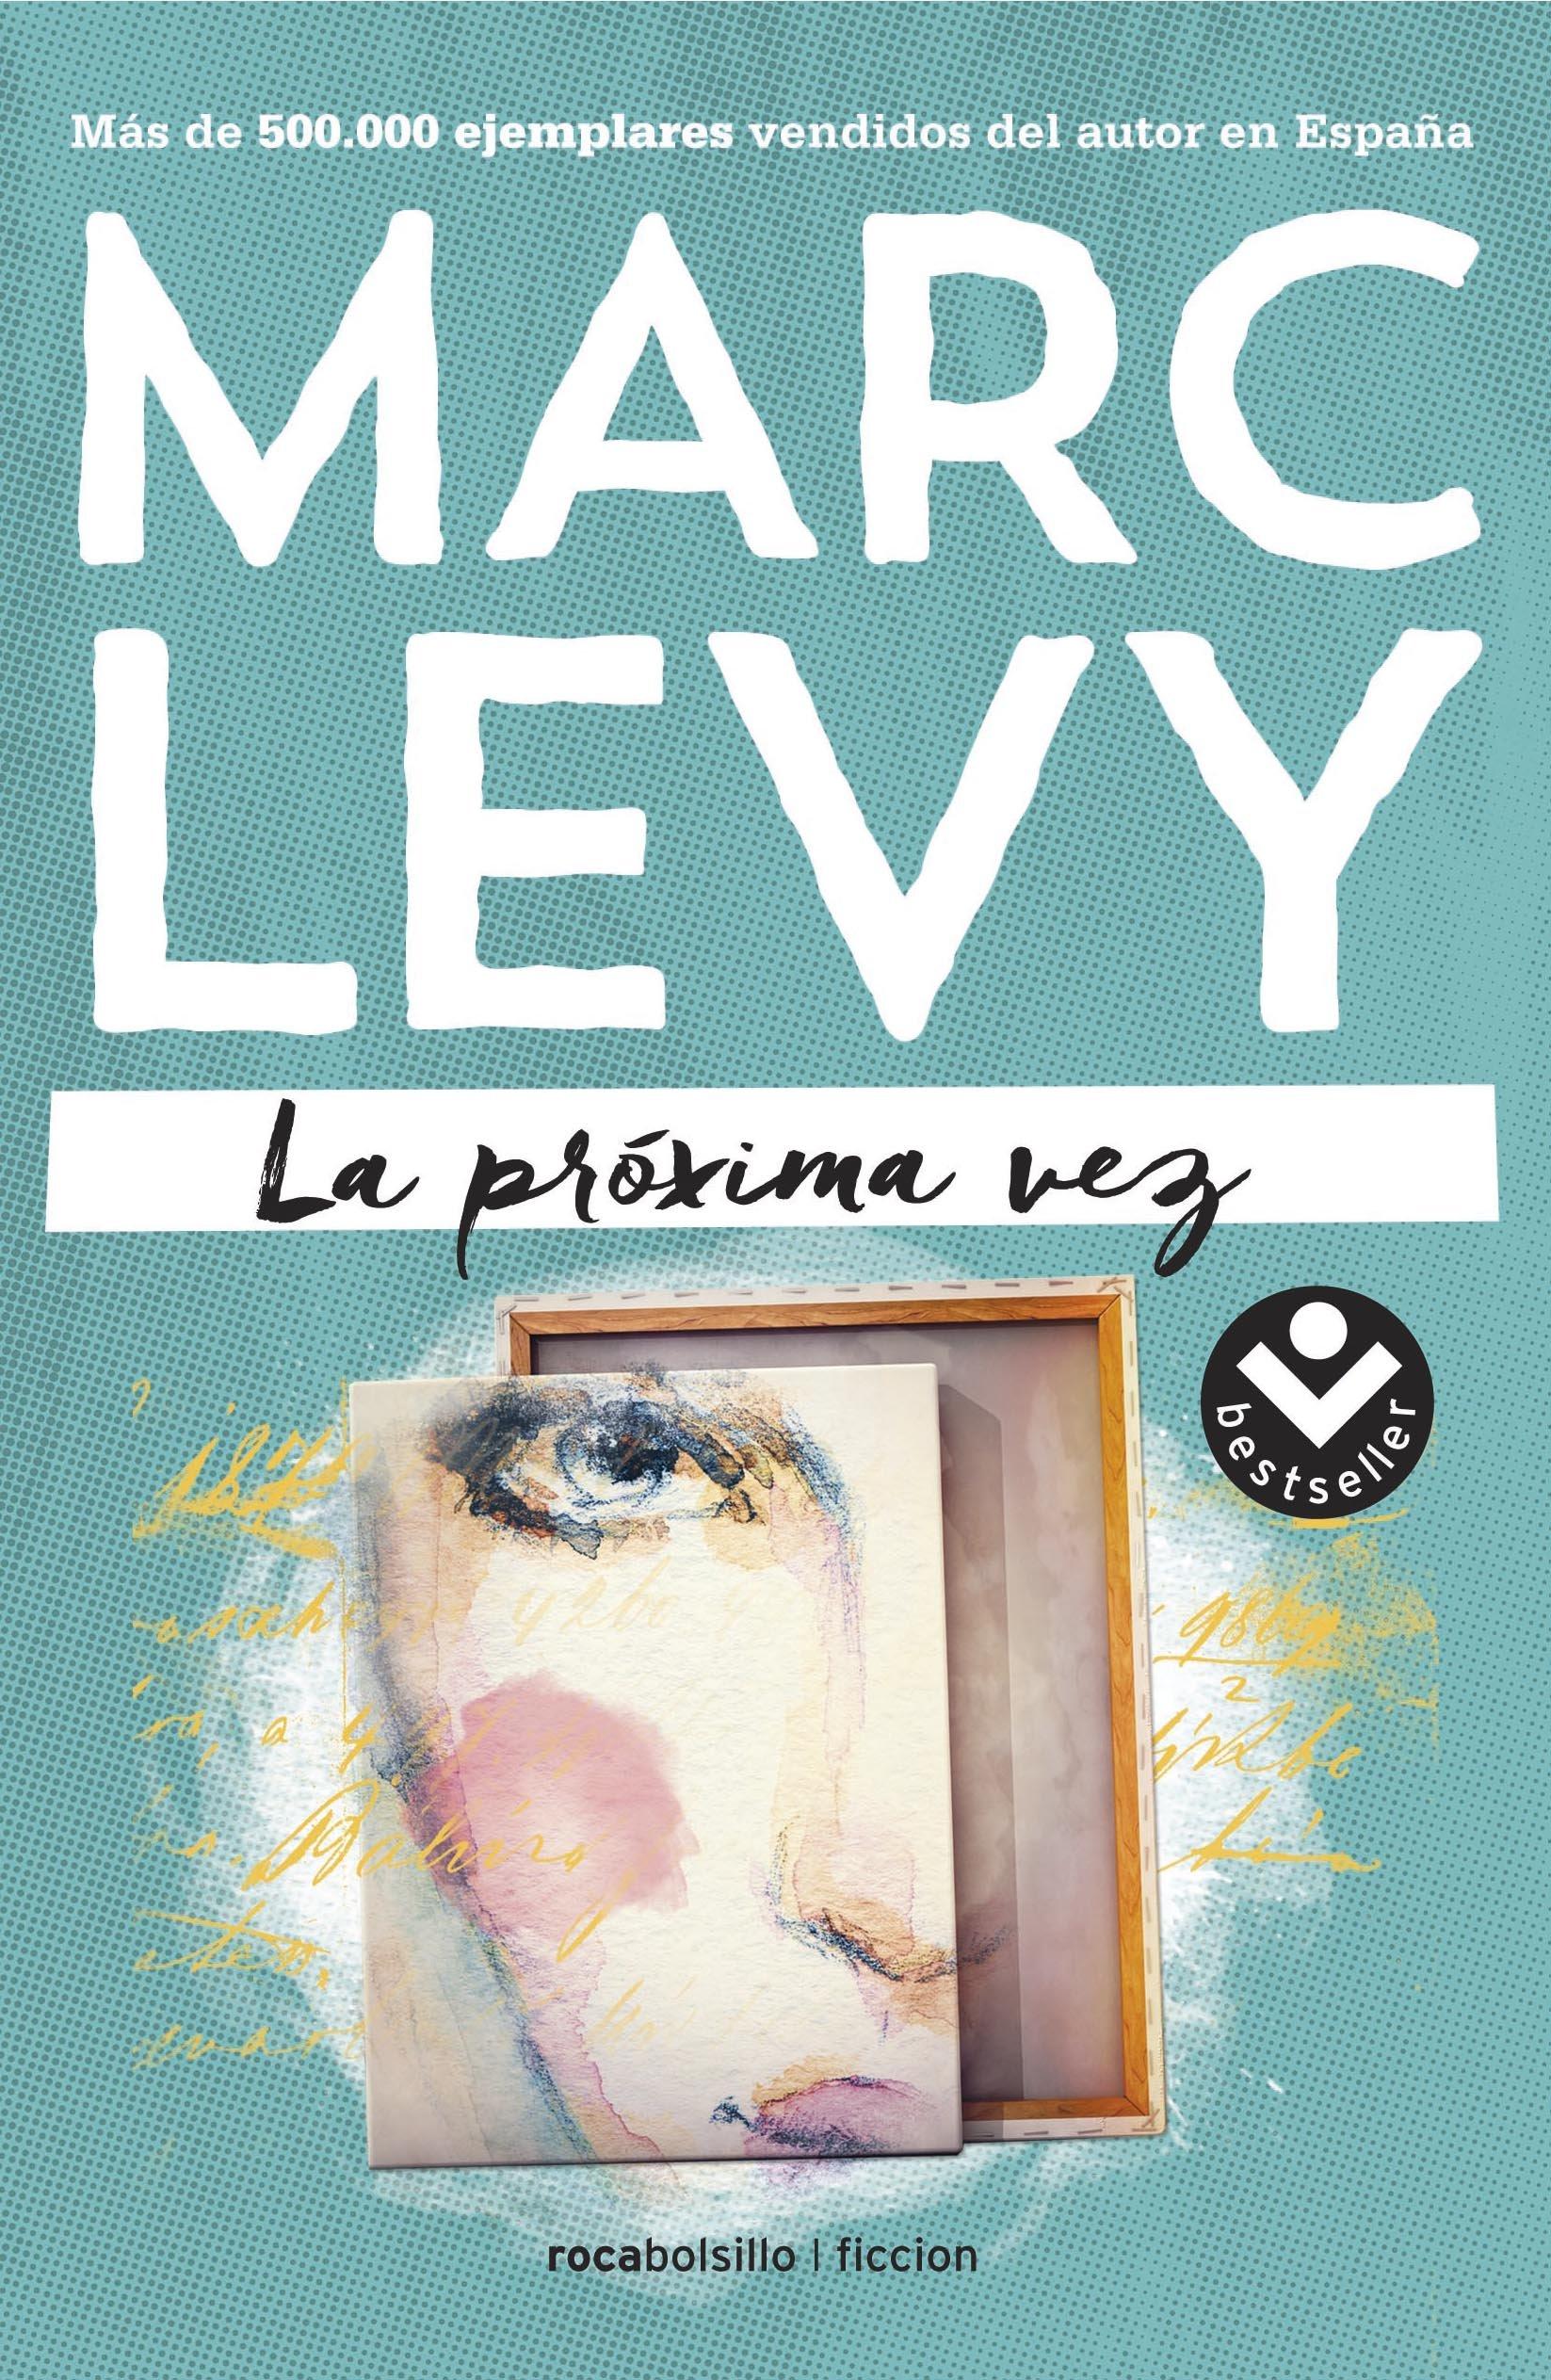 La próxima vez: Amazon.es: Levy, Marc, Margelí Bailo, Isabel: Libros